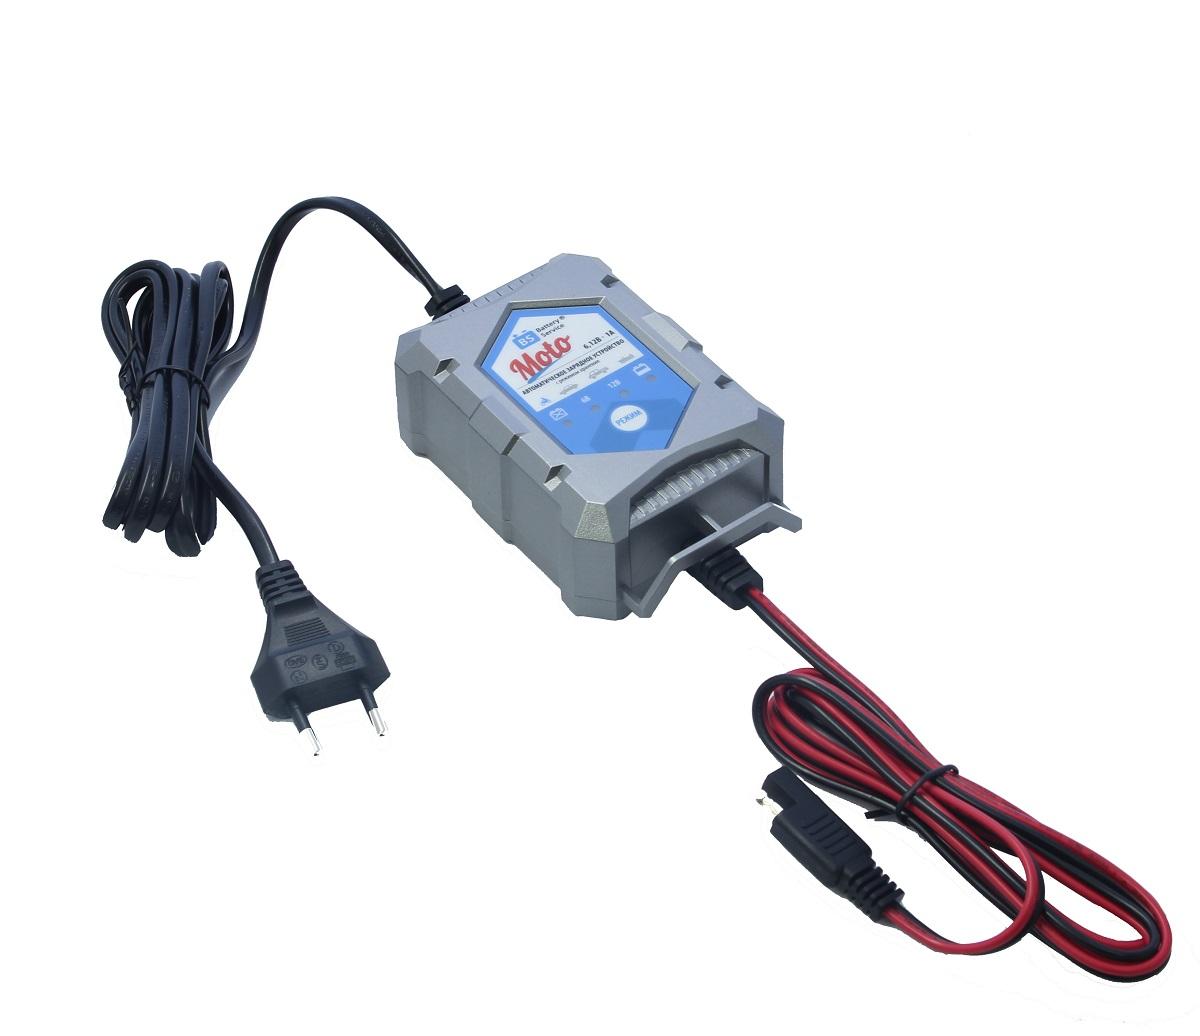 Зарядное устройство Battery Service Moto. PL-C001PVA4211 B00Многоступенчатое зарядное устройство Battery Service Moto с режимами восстановления глубокоразряженных аккумуляторных батарей, десульфатации и хранения. Интеллектуальное управление микропроцессором. Заряжает все типы 6В и 12В свинцово-кислотных аккумуляторных батарей, в т.ч. AGM, GEL. Защита от короткого замыкания, переполюсовки, перегрева. Гарантия 2 года. Пыле и влагозащищенный корпус IP65. Moto рекомендуется для АКБ от 1,2 Ач до 24 Ач. Ток зарядки: 1,0А. Восстановление АКБ разряженной до 4,5В. Температурный режим: -20...+40°С. В комплект устройства входят аксессуары: кольцевой разъем постоянного подключения и зажимы типа крокодил. Совместимо с аксессуарами сторонних производителей с разъемом SAE.